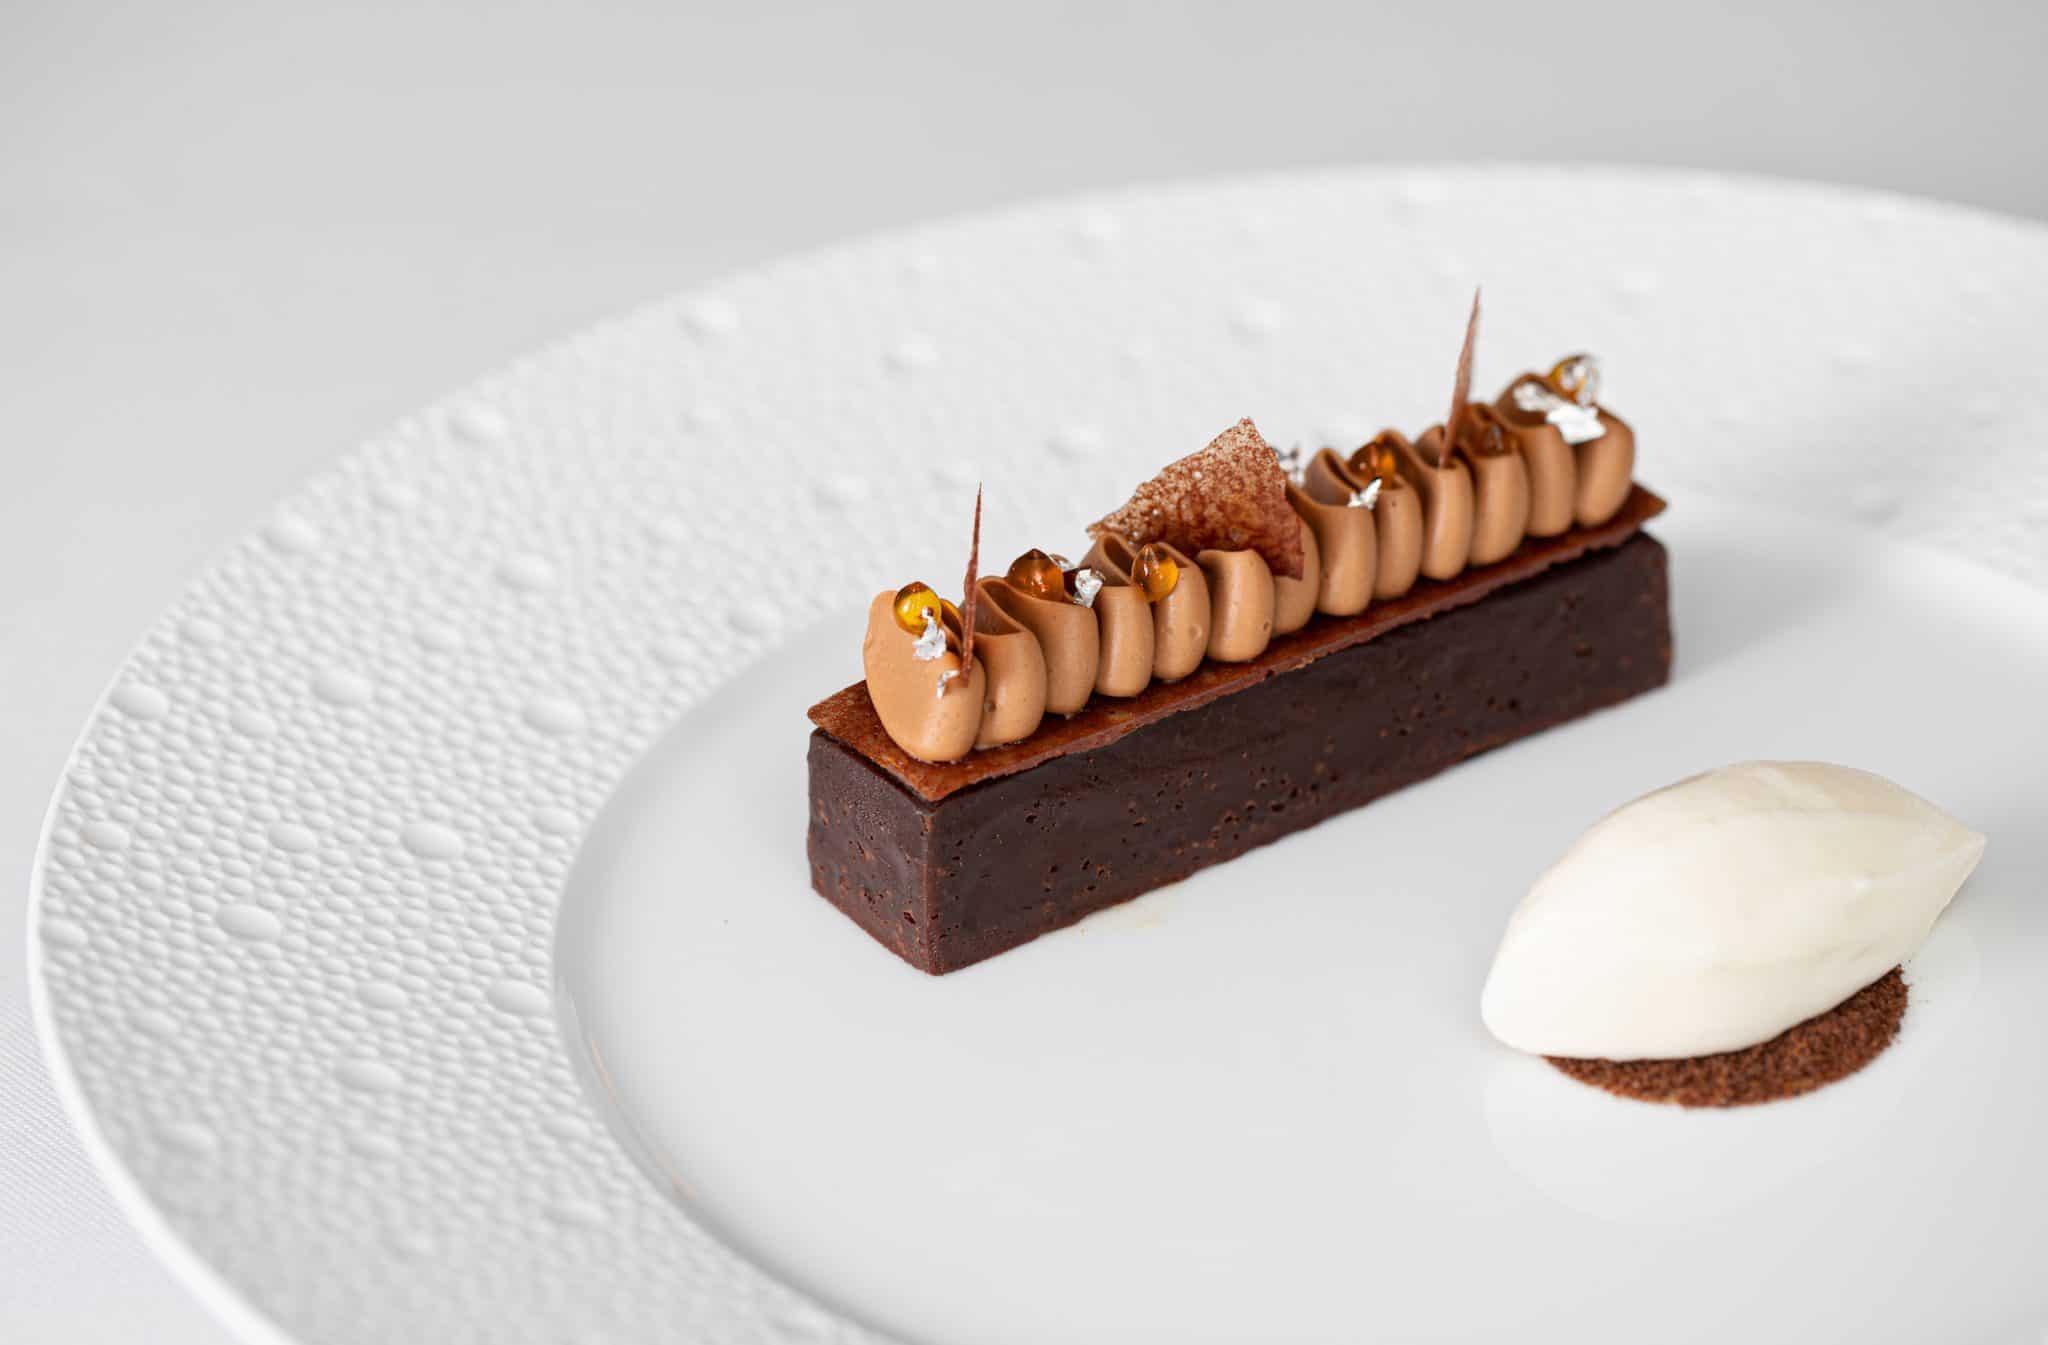 Ormer Mayfair by Sofian chocolate tart